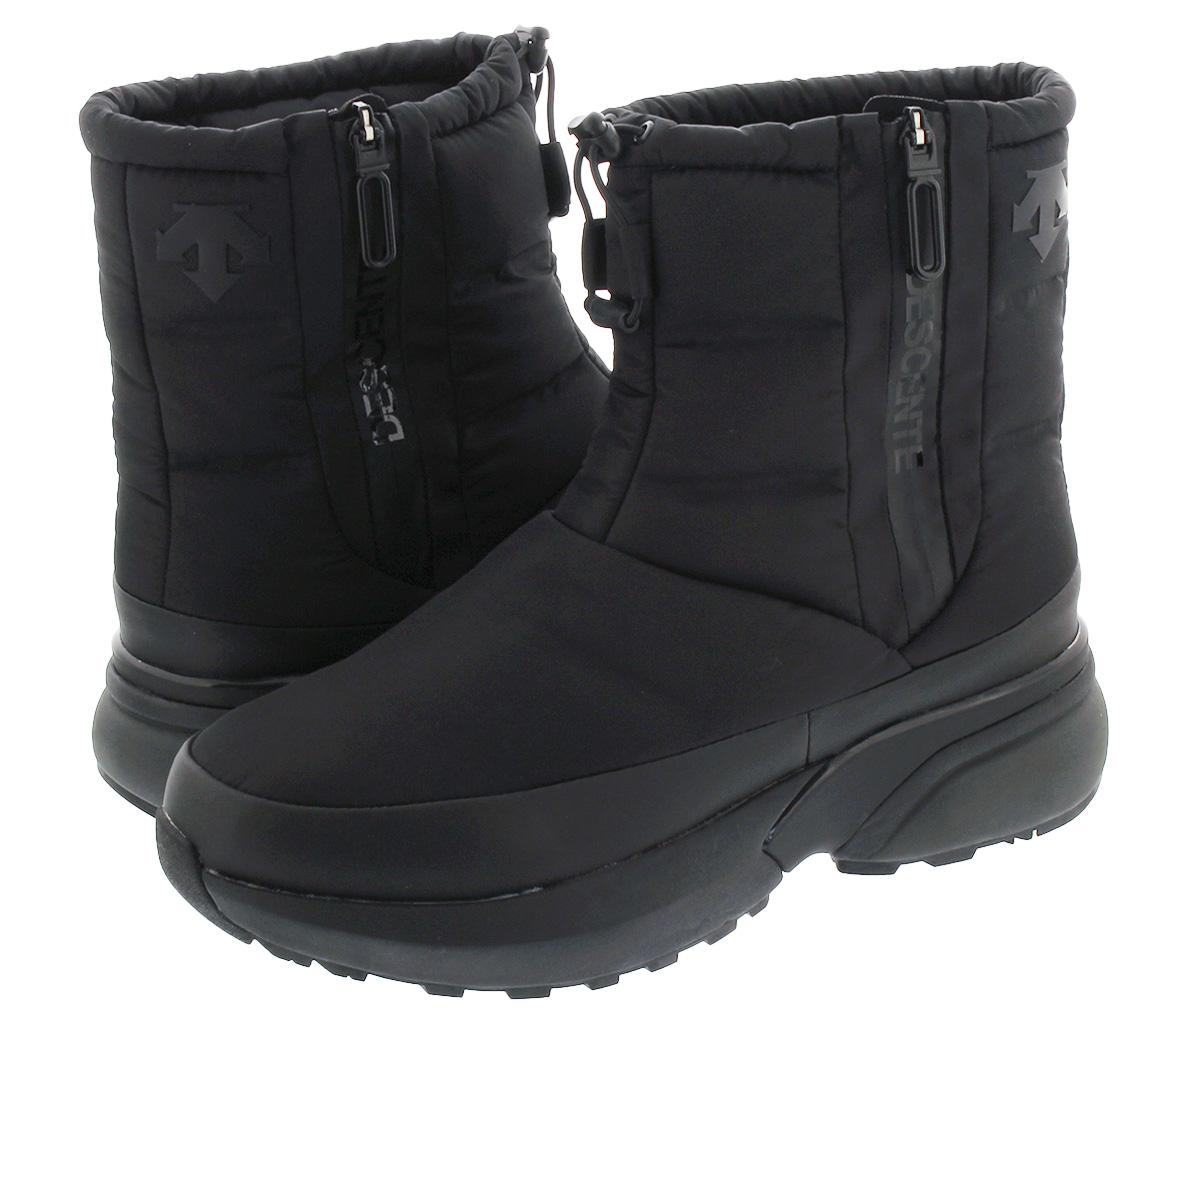 送料無料 DESCENTE デサント ブーツ スニーカー シューズ 靴 超目玉 メンズ 年間定番 レディース スノー dm1qjd10bk ACTIVE BOOTS アクティブ ウィンター 防水 WINTER ブラック BLACK アウトドア